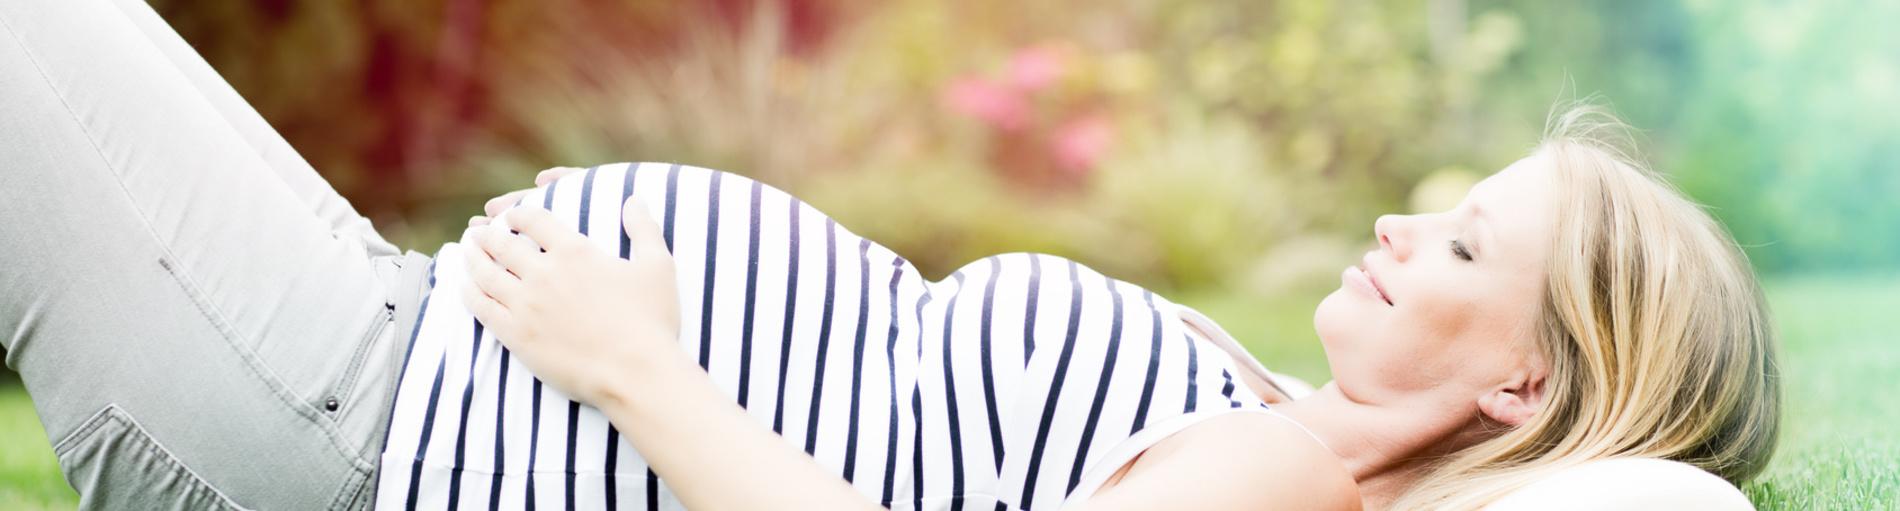 Eine schwangere Frau liegt lächelnd auf einer Wiese (Quelle: fotolia / drubig-photo)